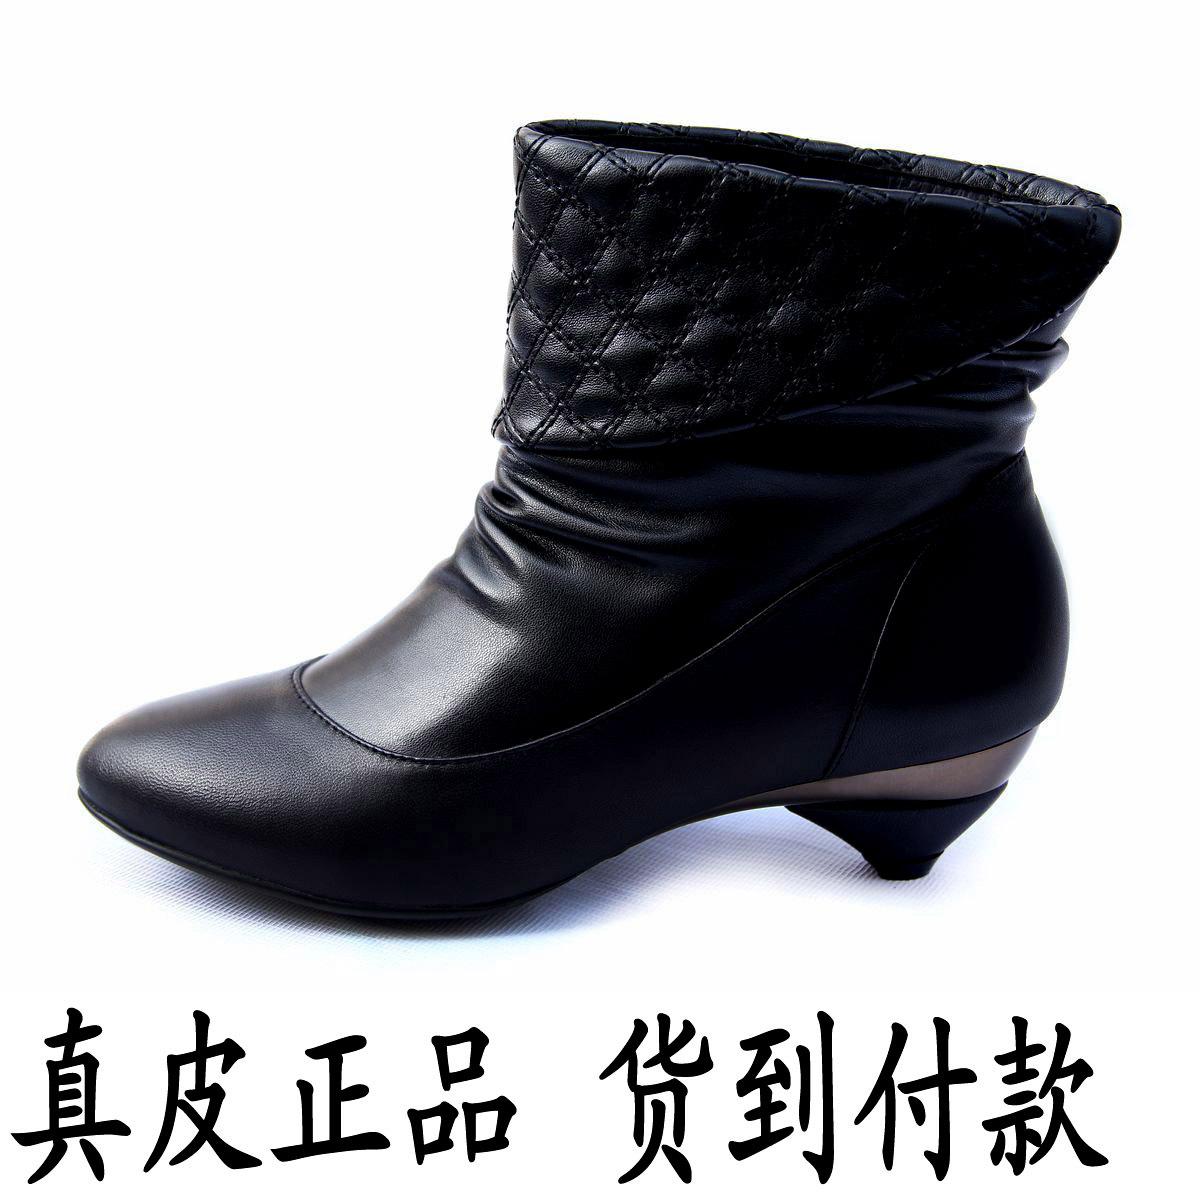 森达女靴加绒短靴 休闲套靴 35码 大促,正品真皮 黑色